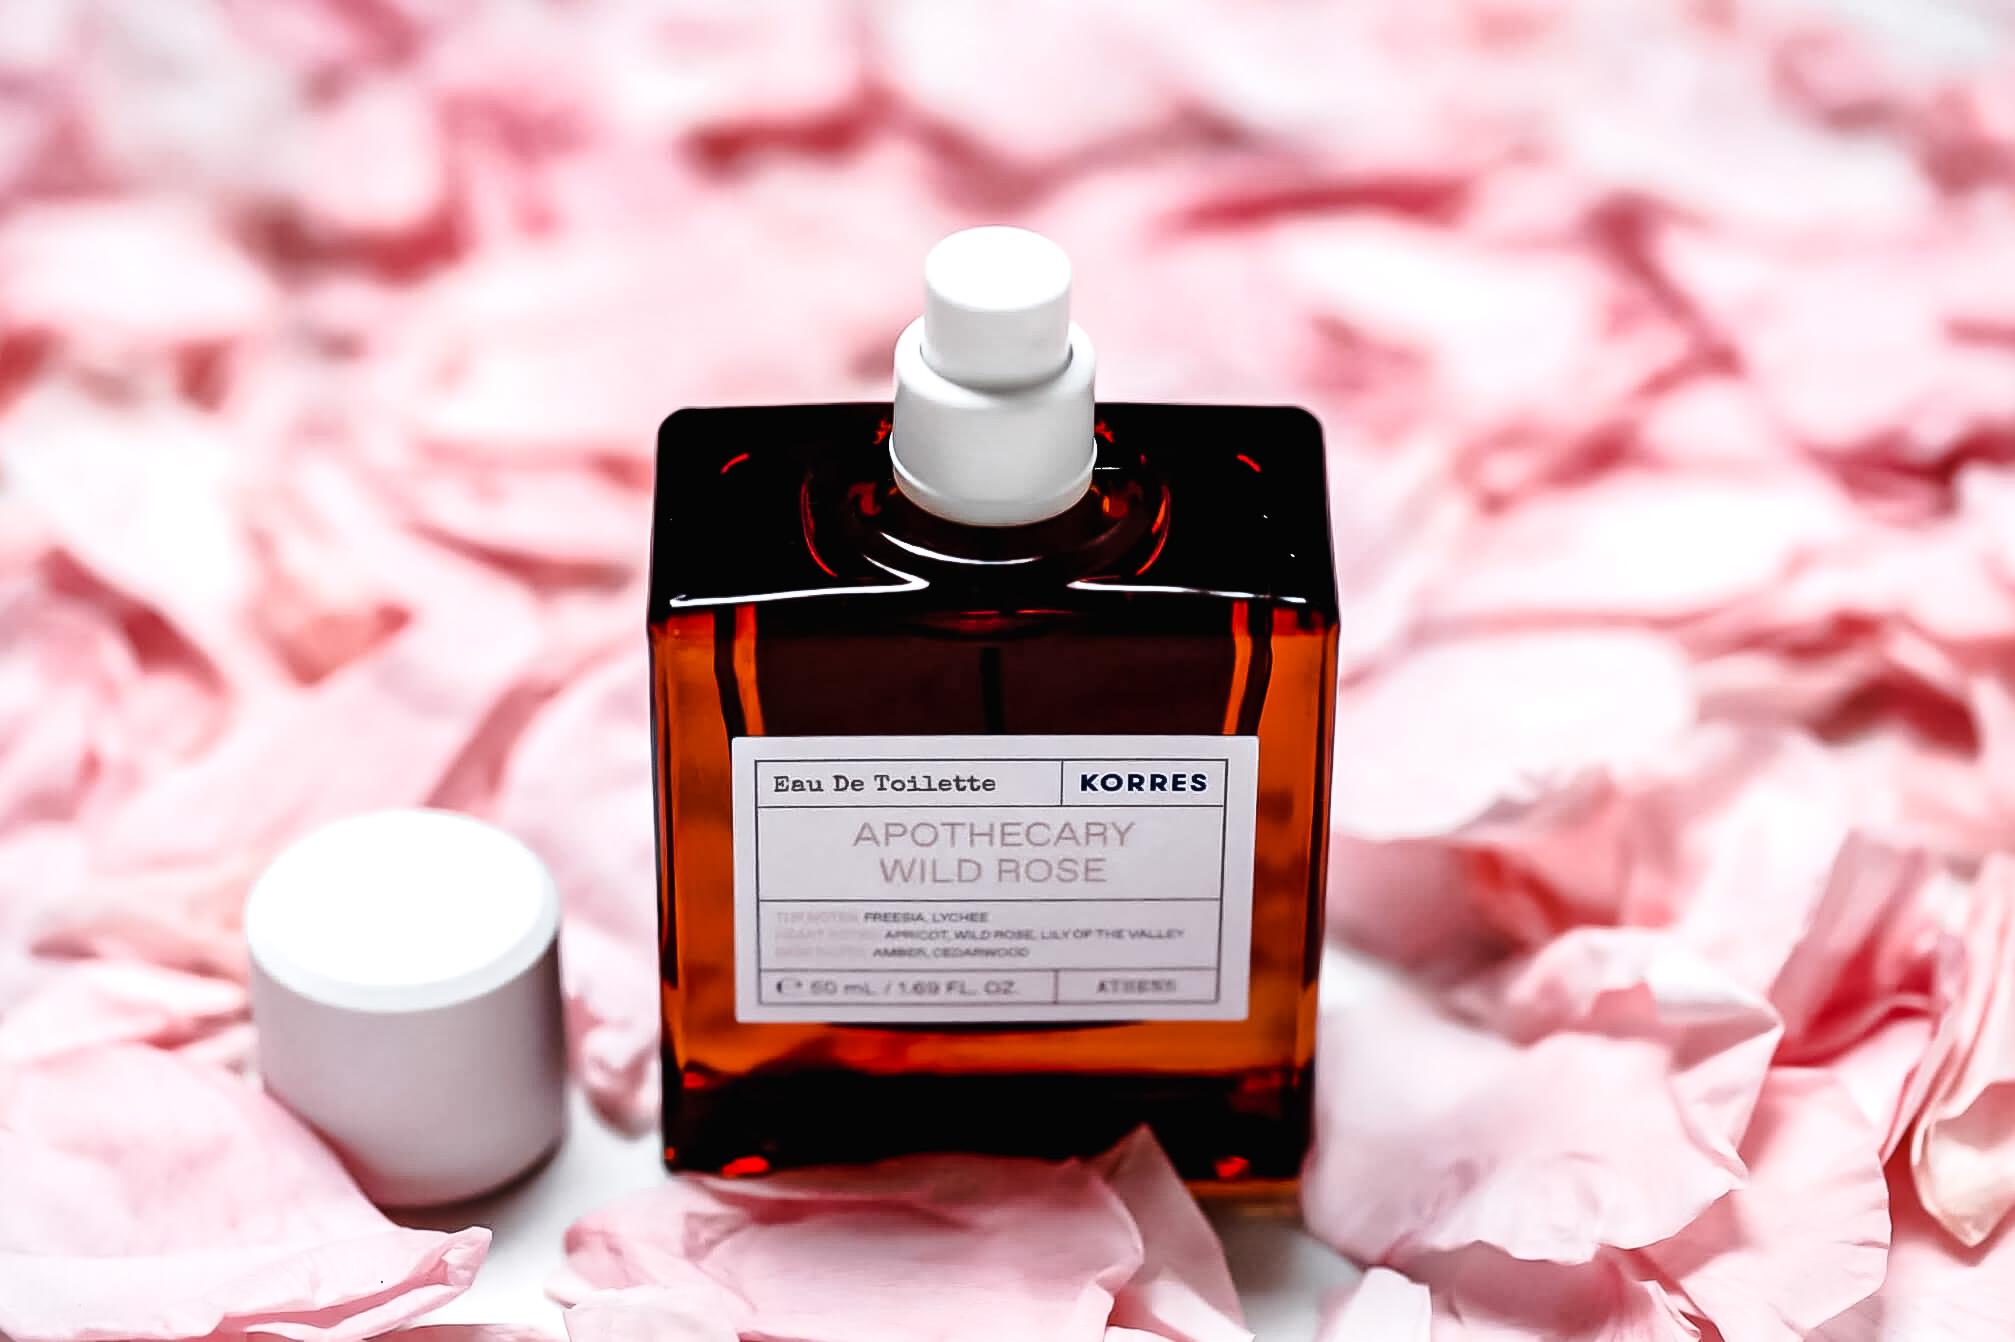 Korres Wild Rose Parfum